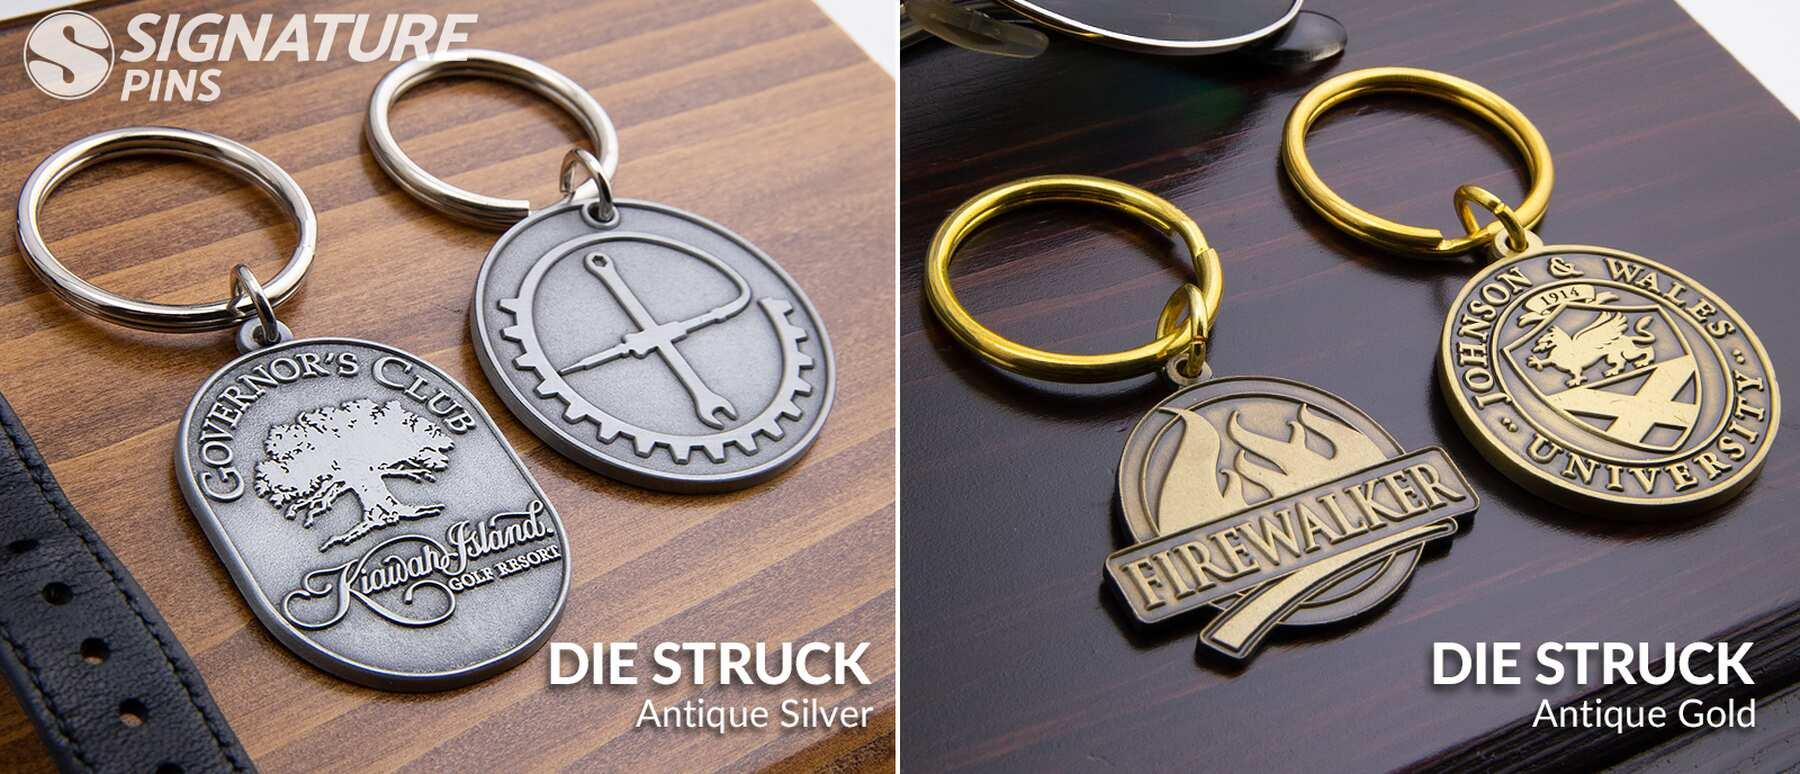 Signature-Pins-Die-Struck-Keychains